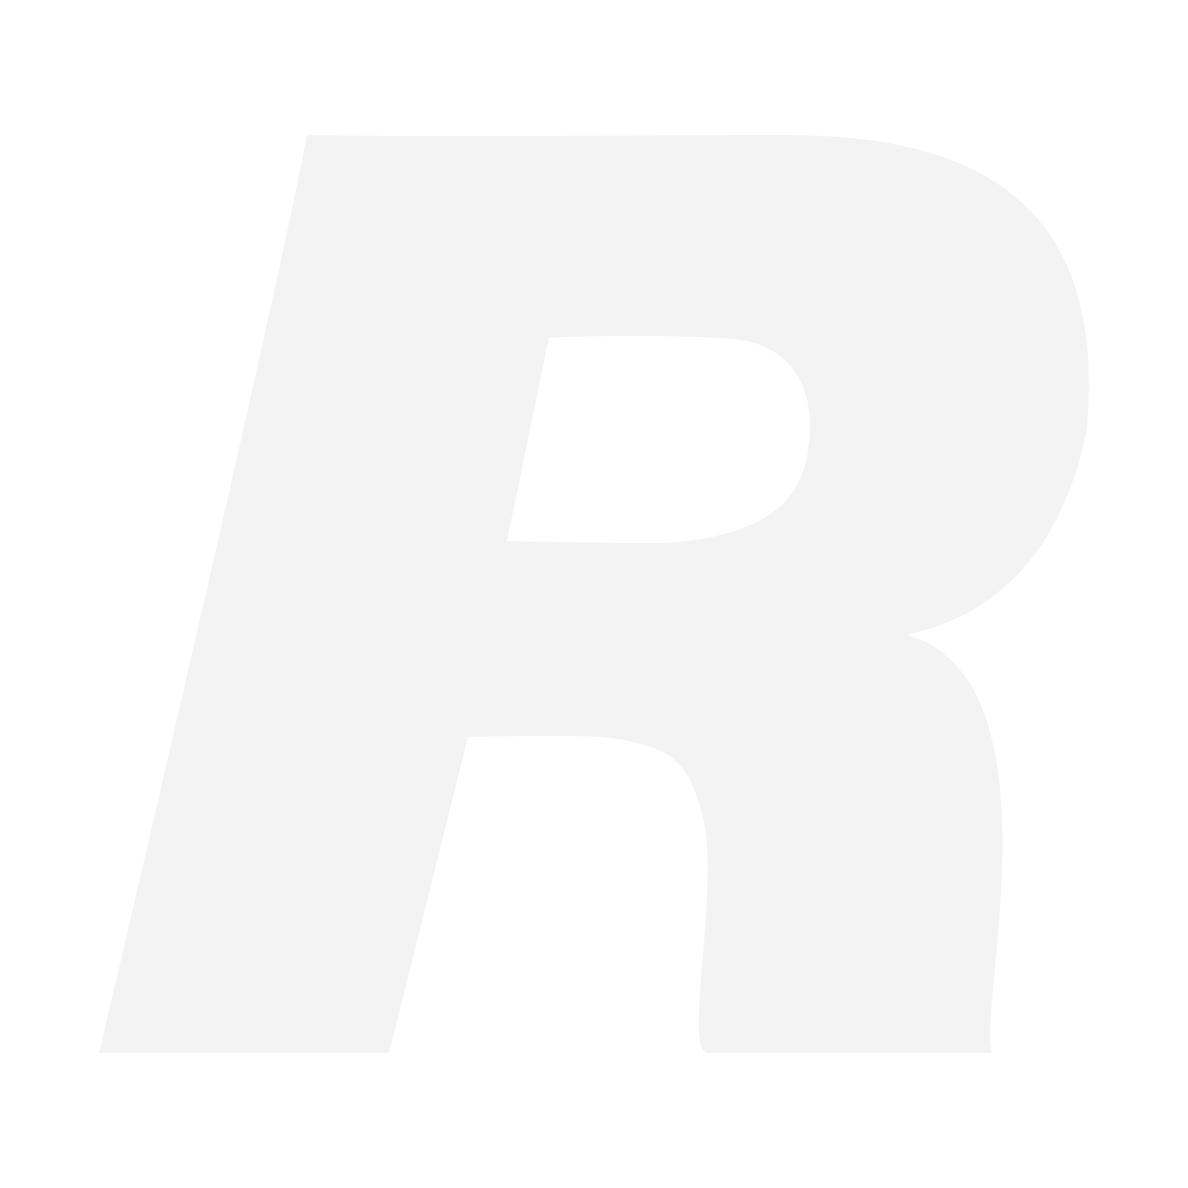 Sony CyberShot DSC-RX100, Svart (3,6x optisk zoom)